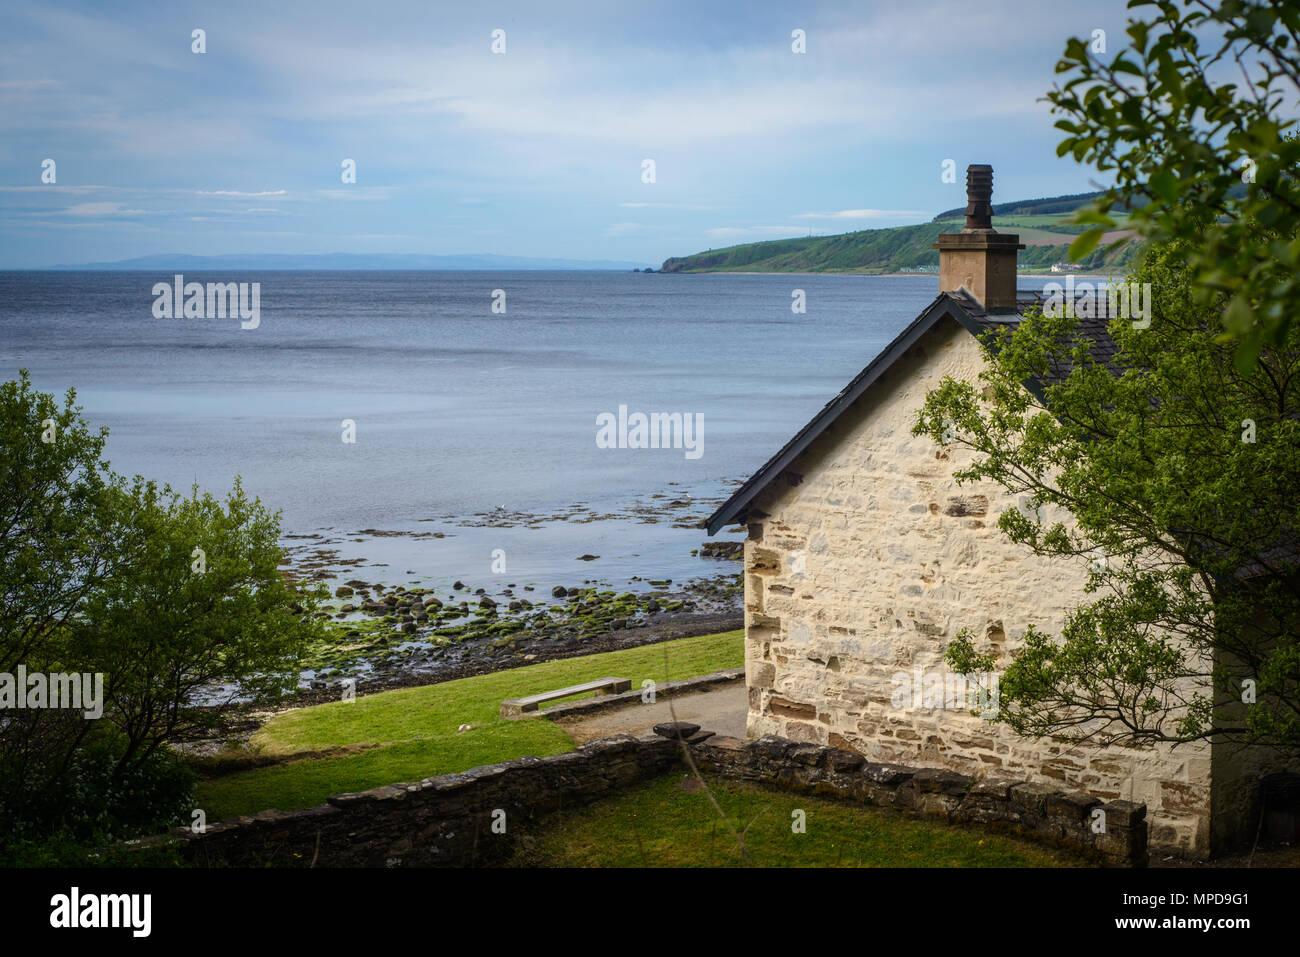 Chalet de pierre sur la plage, dans l'Ayrshire, sur la côte ouest de l'Ecosse en été Banque D'Images